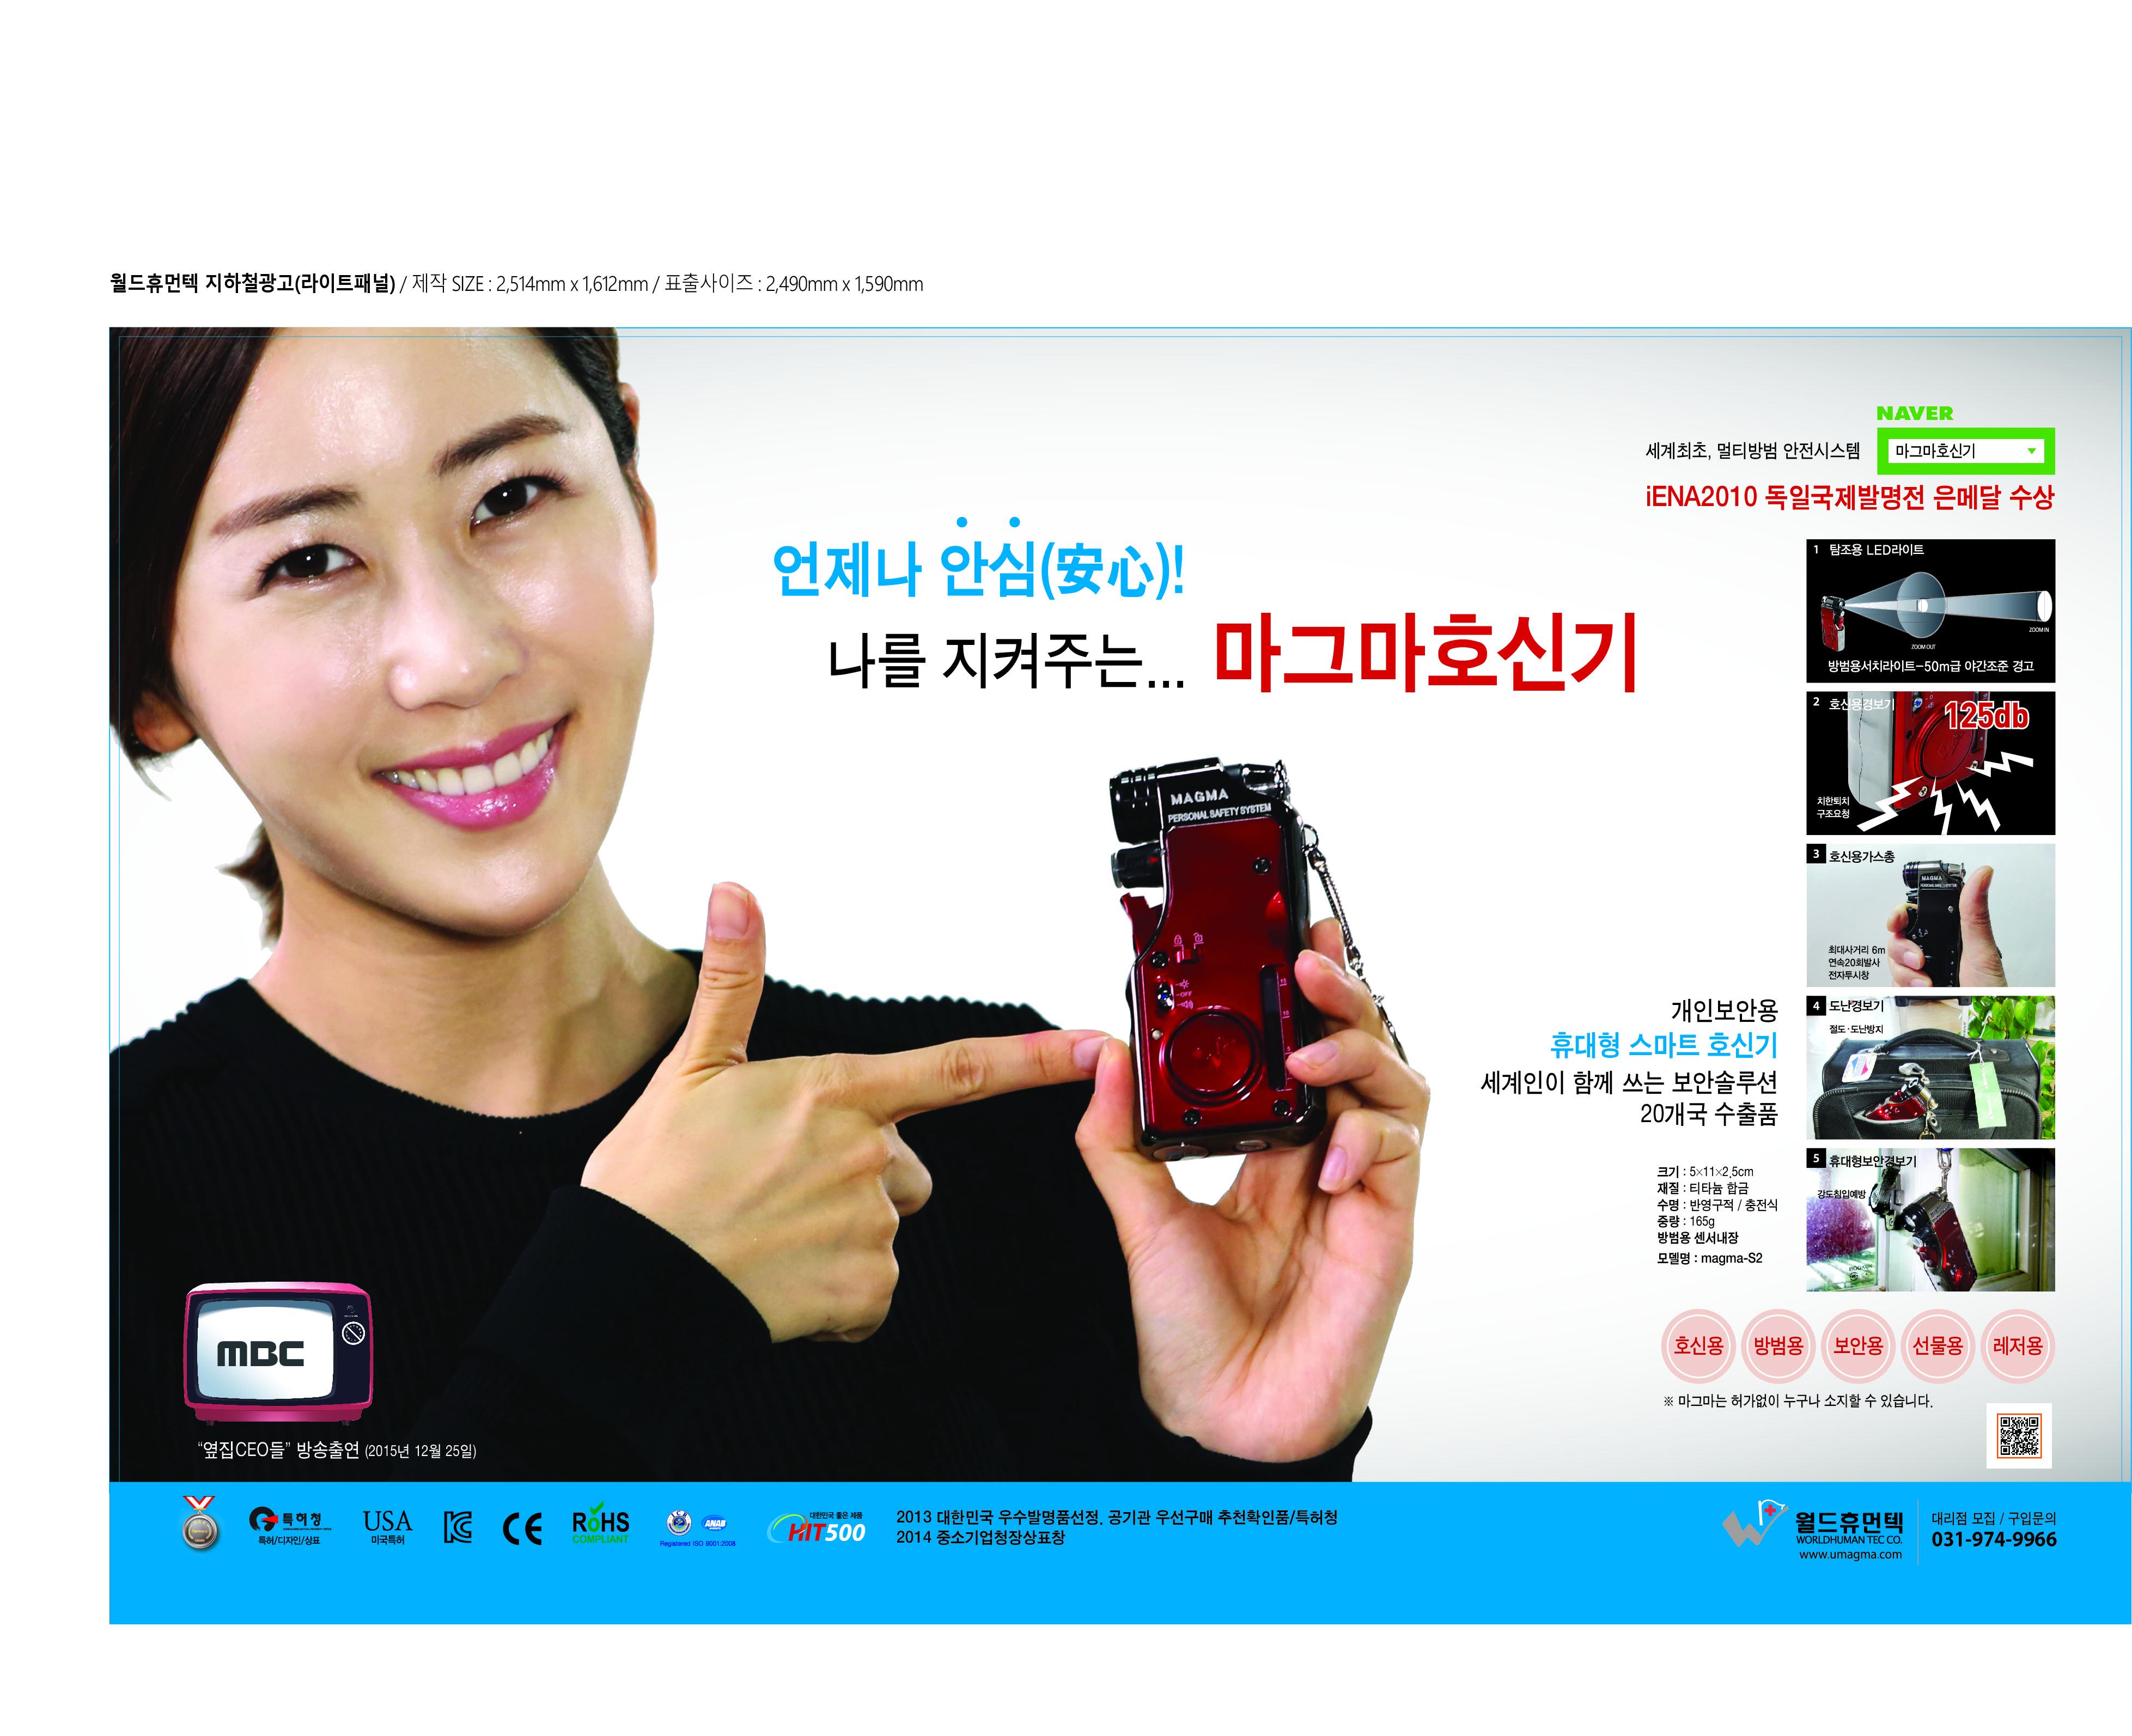 마그마_지하철광고.와이드스크린(신도림역.15.12.31).jpg